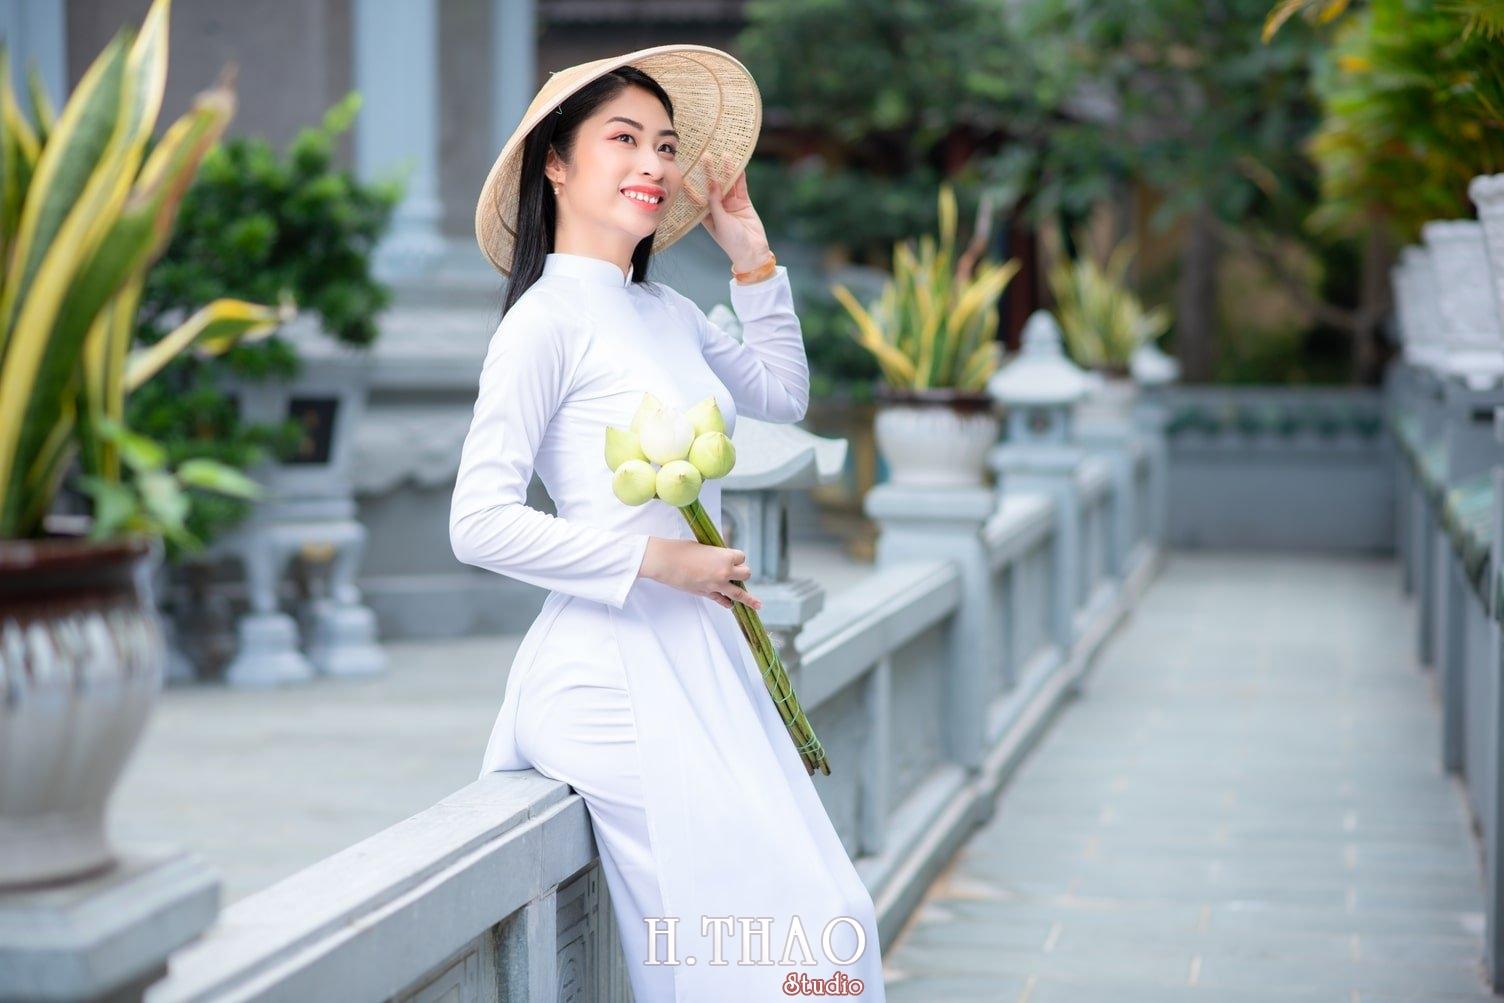 Ao dai trang 4 - Album áo dài trắng tại Thiền Viện Vạn Hạnh - HThao Studio